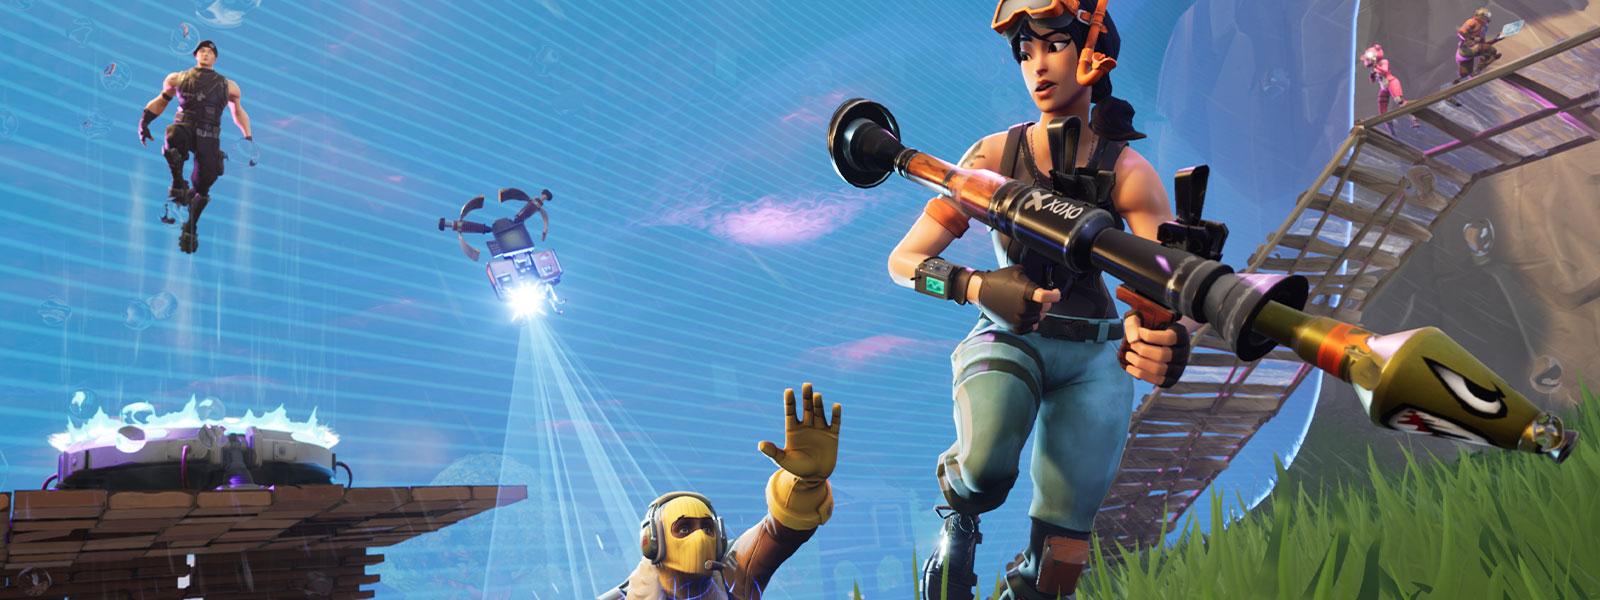 Un personaggio con un bazooka fugge da un uomo semidisintegrato con una maschera da sci gialla